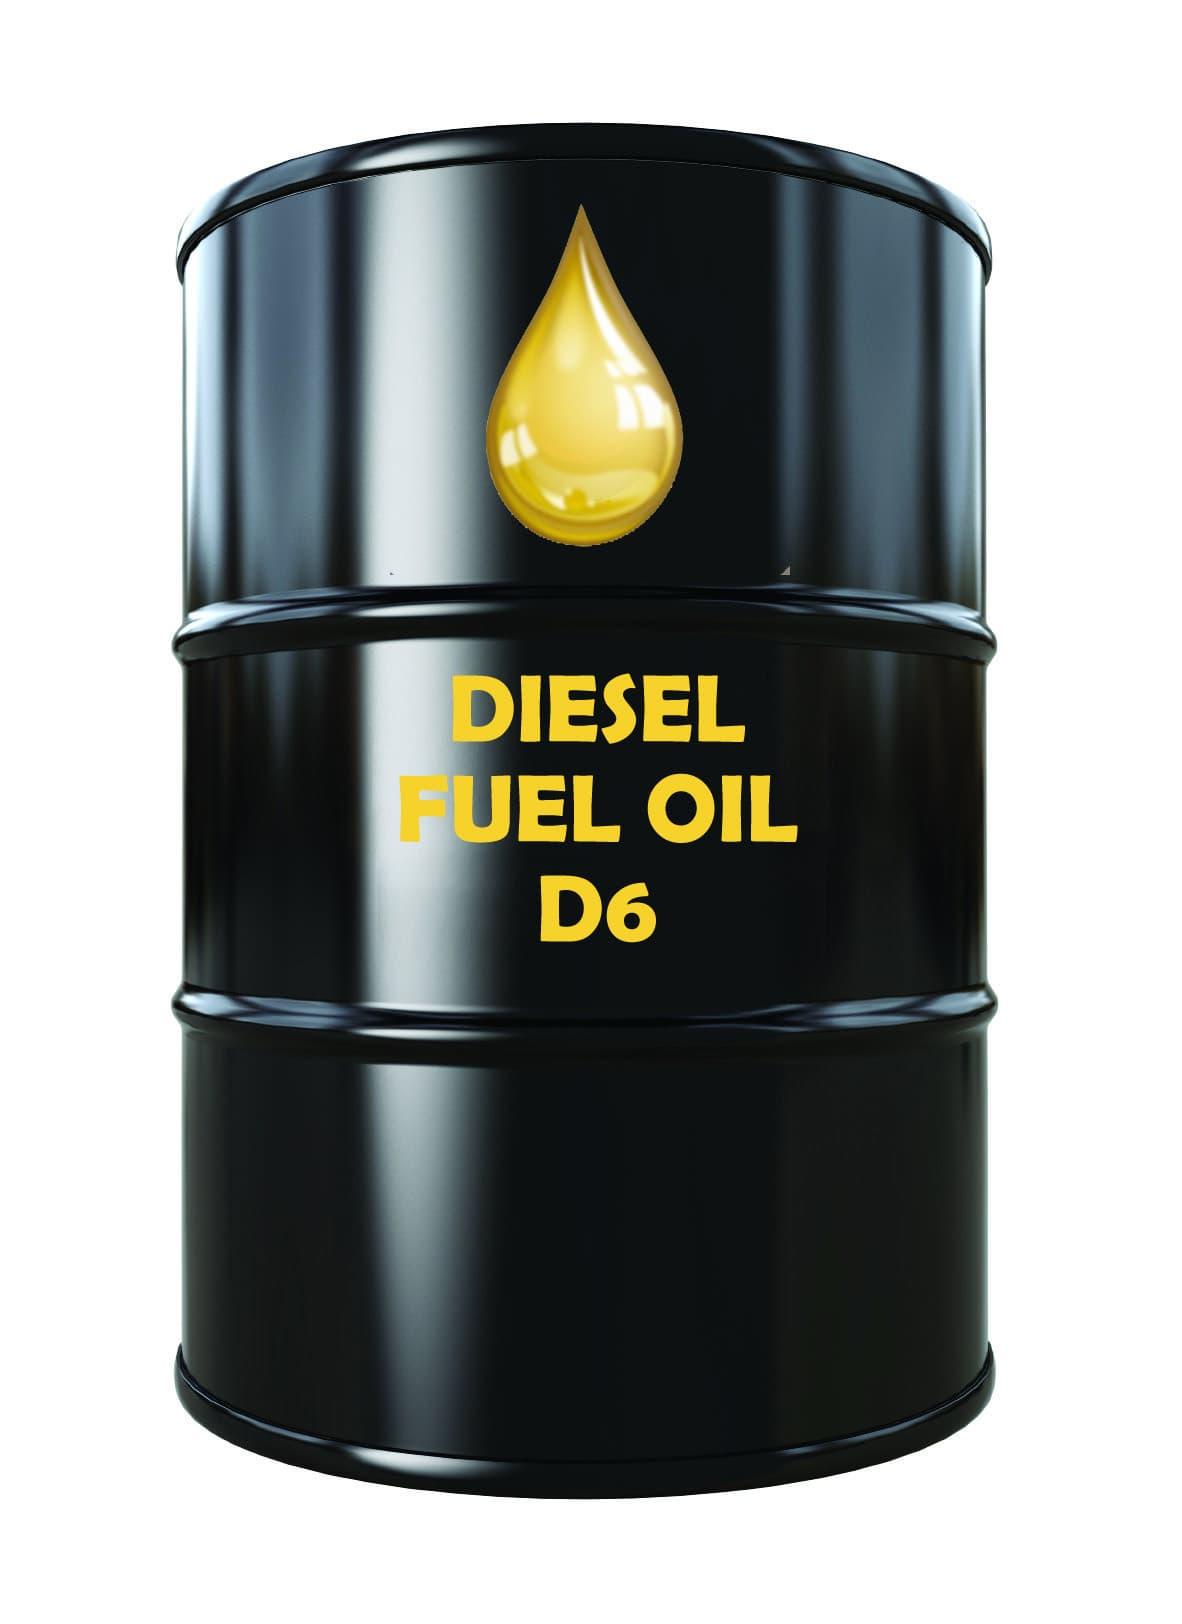 Diesel Fuel D6 | tradekorea